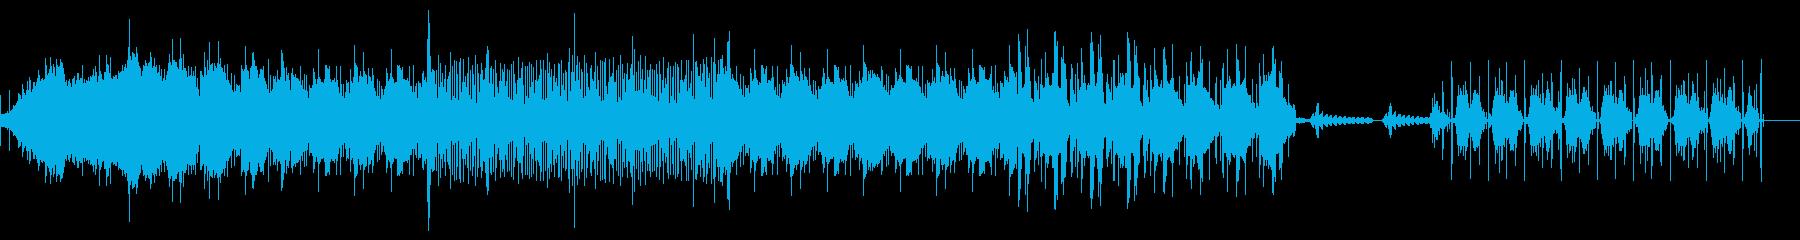 甘くほろ苦いダウンテンポのアーバンハウスの再生済みの波形